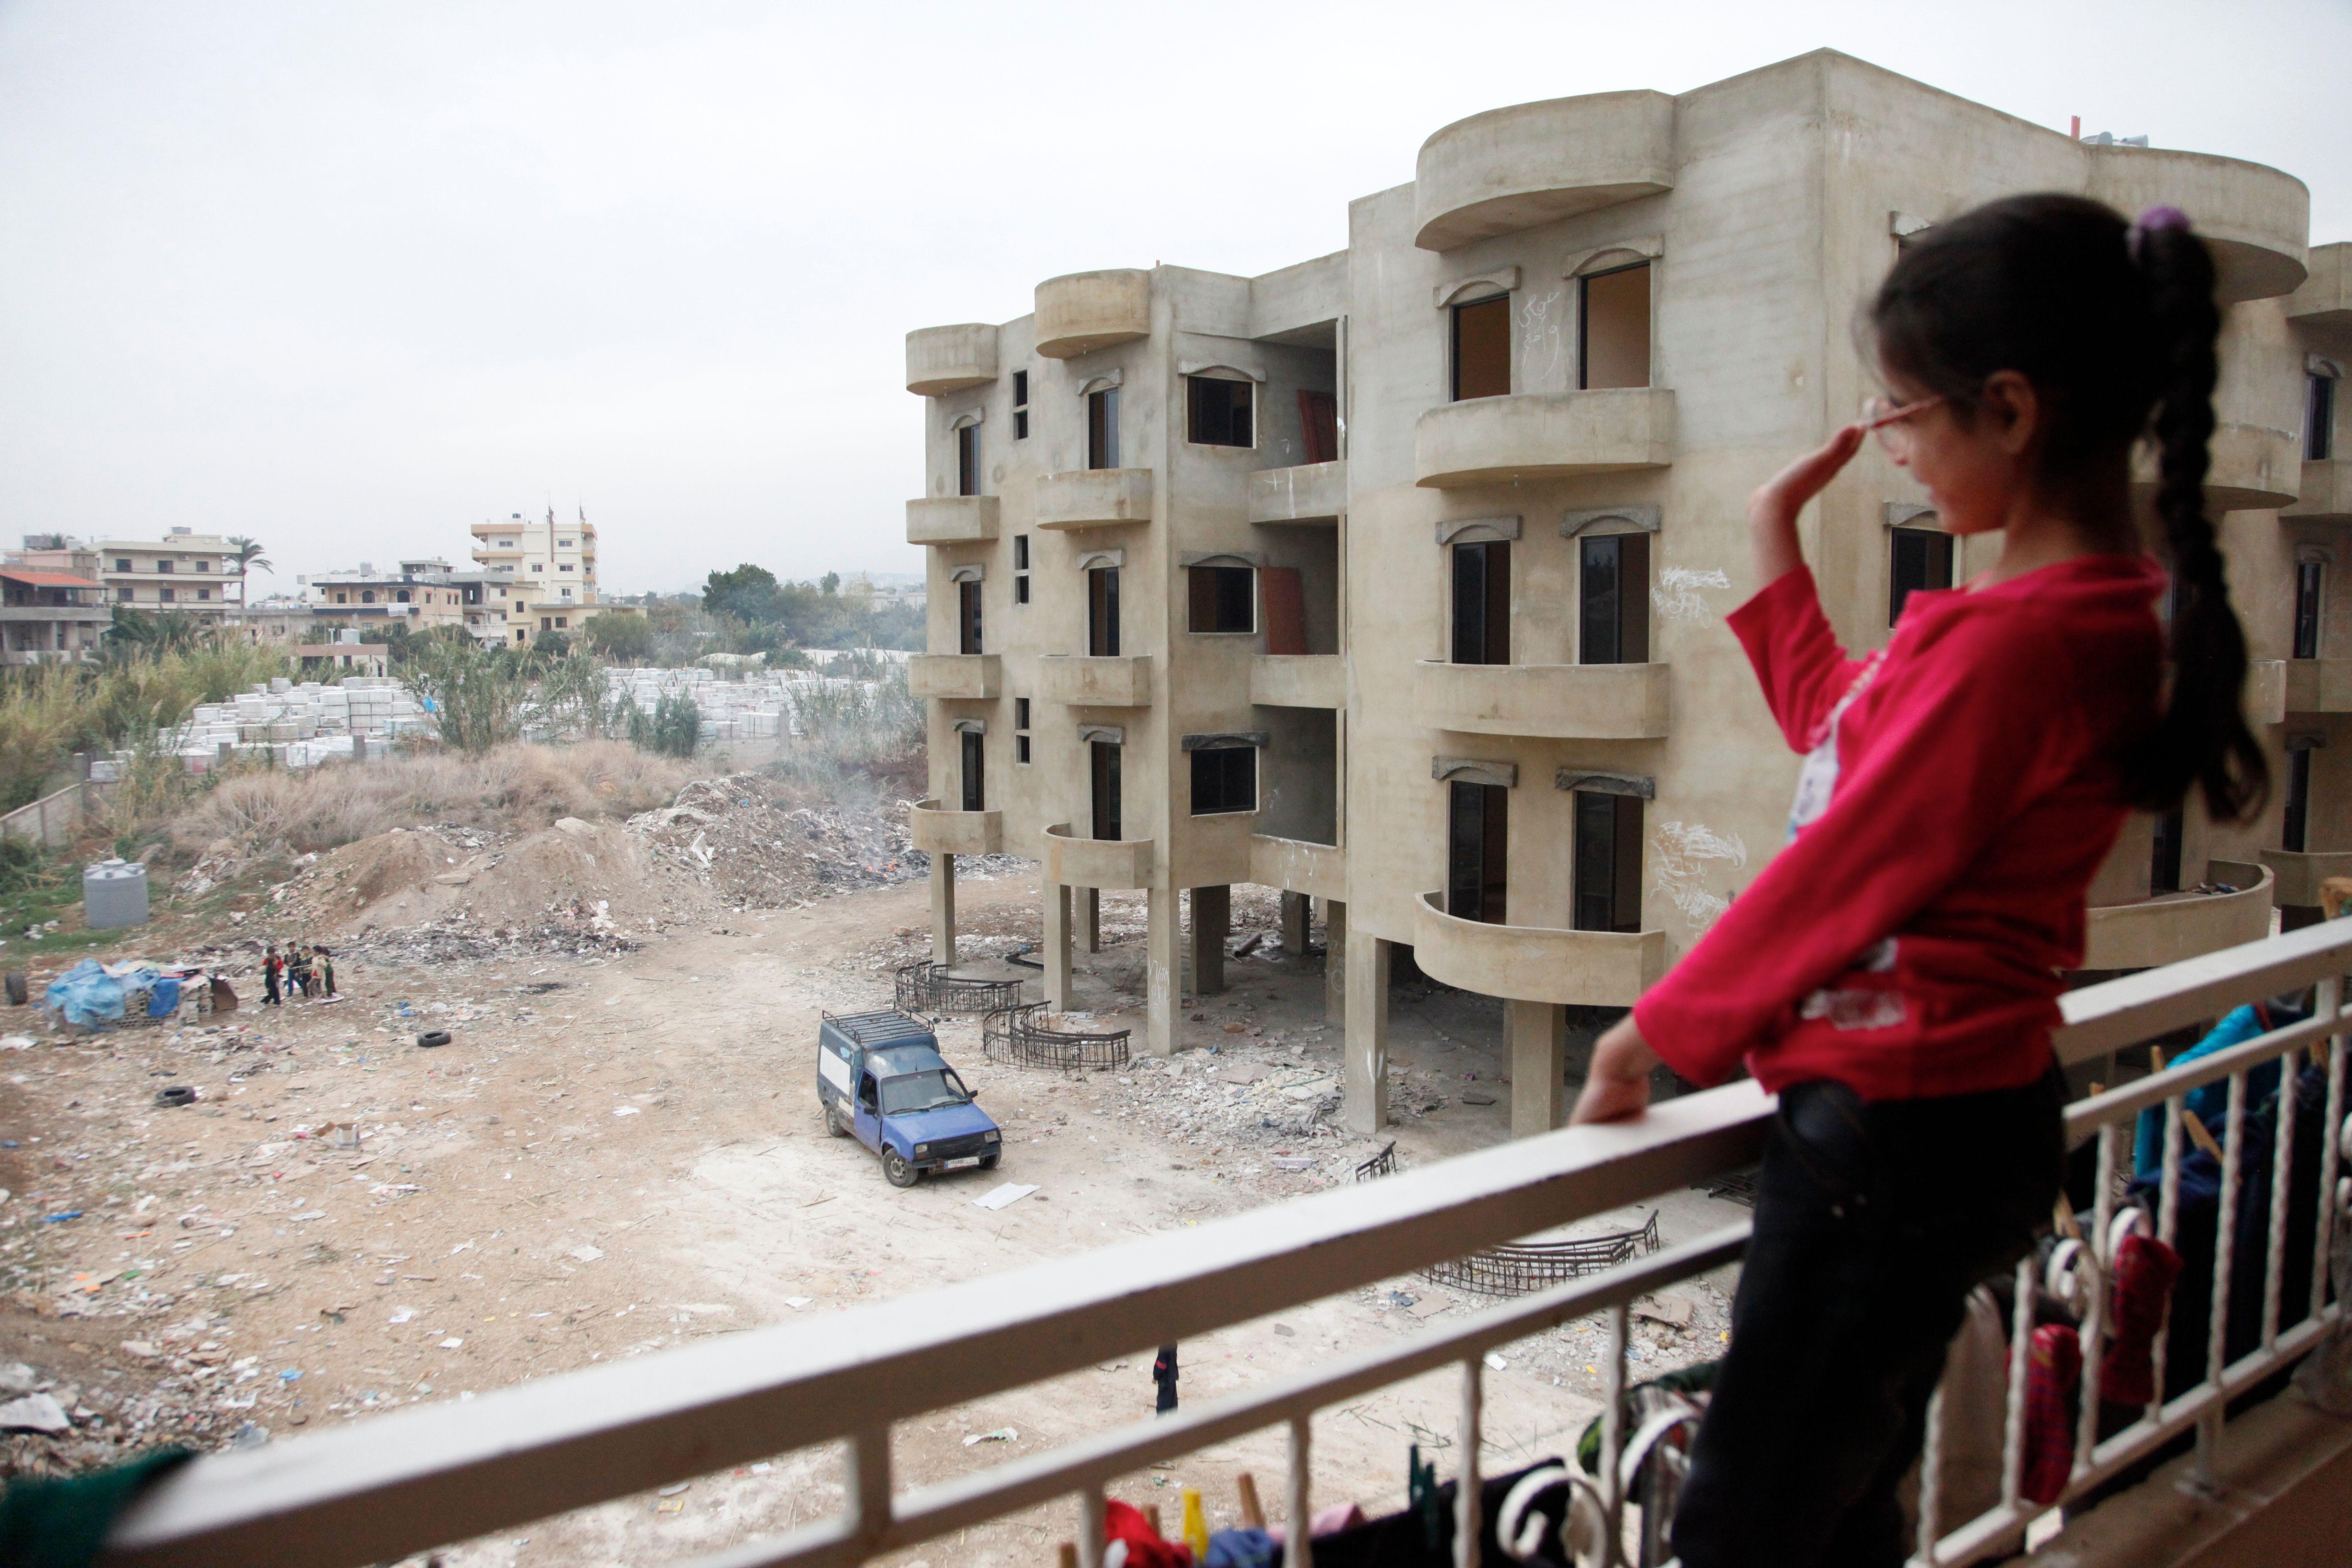 #Uruguay si offre per dare rifugio ai bambini vittime della violenza in #Siria.  #Mujica scrive alla ONU http://ow.ly/wCzca